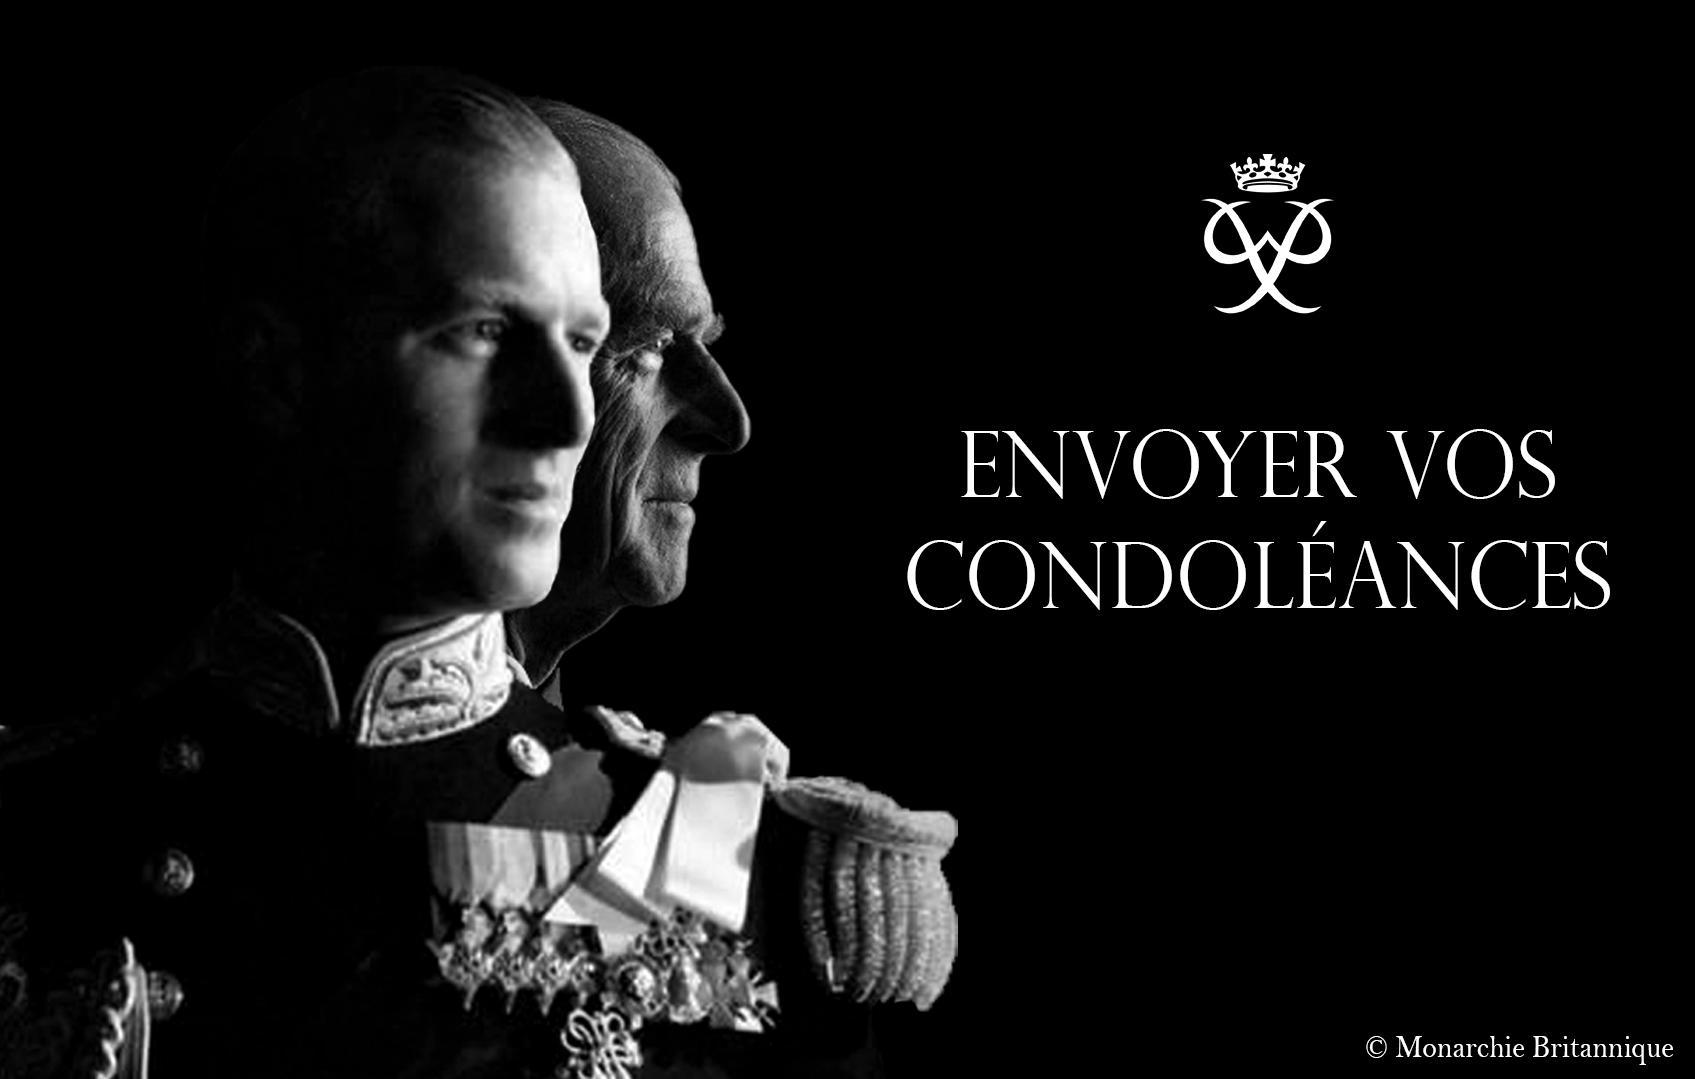 Condoleances duc d'edimbourg